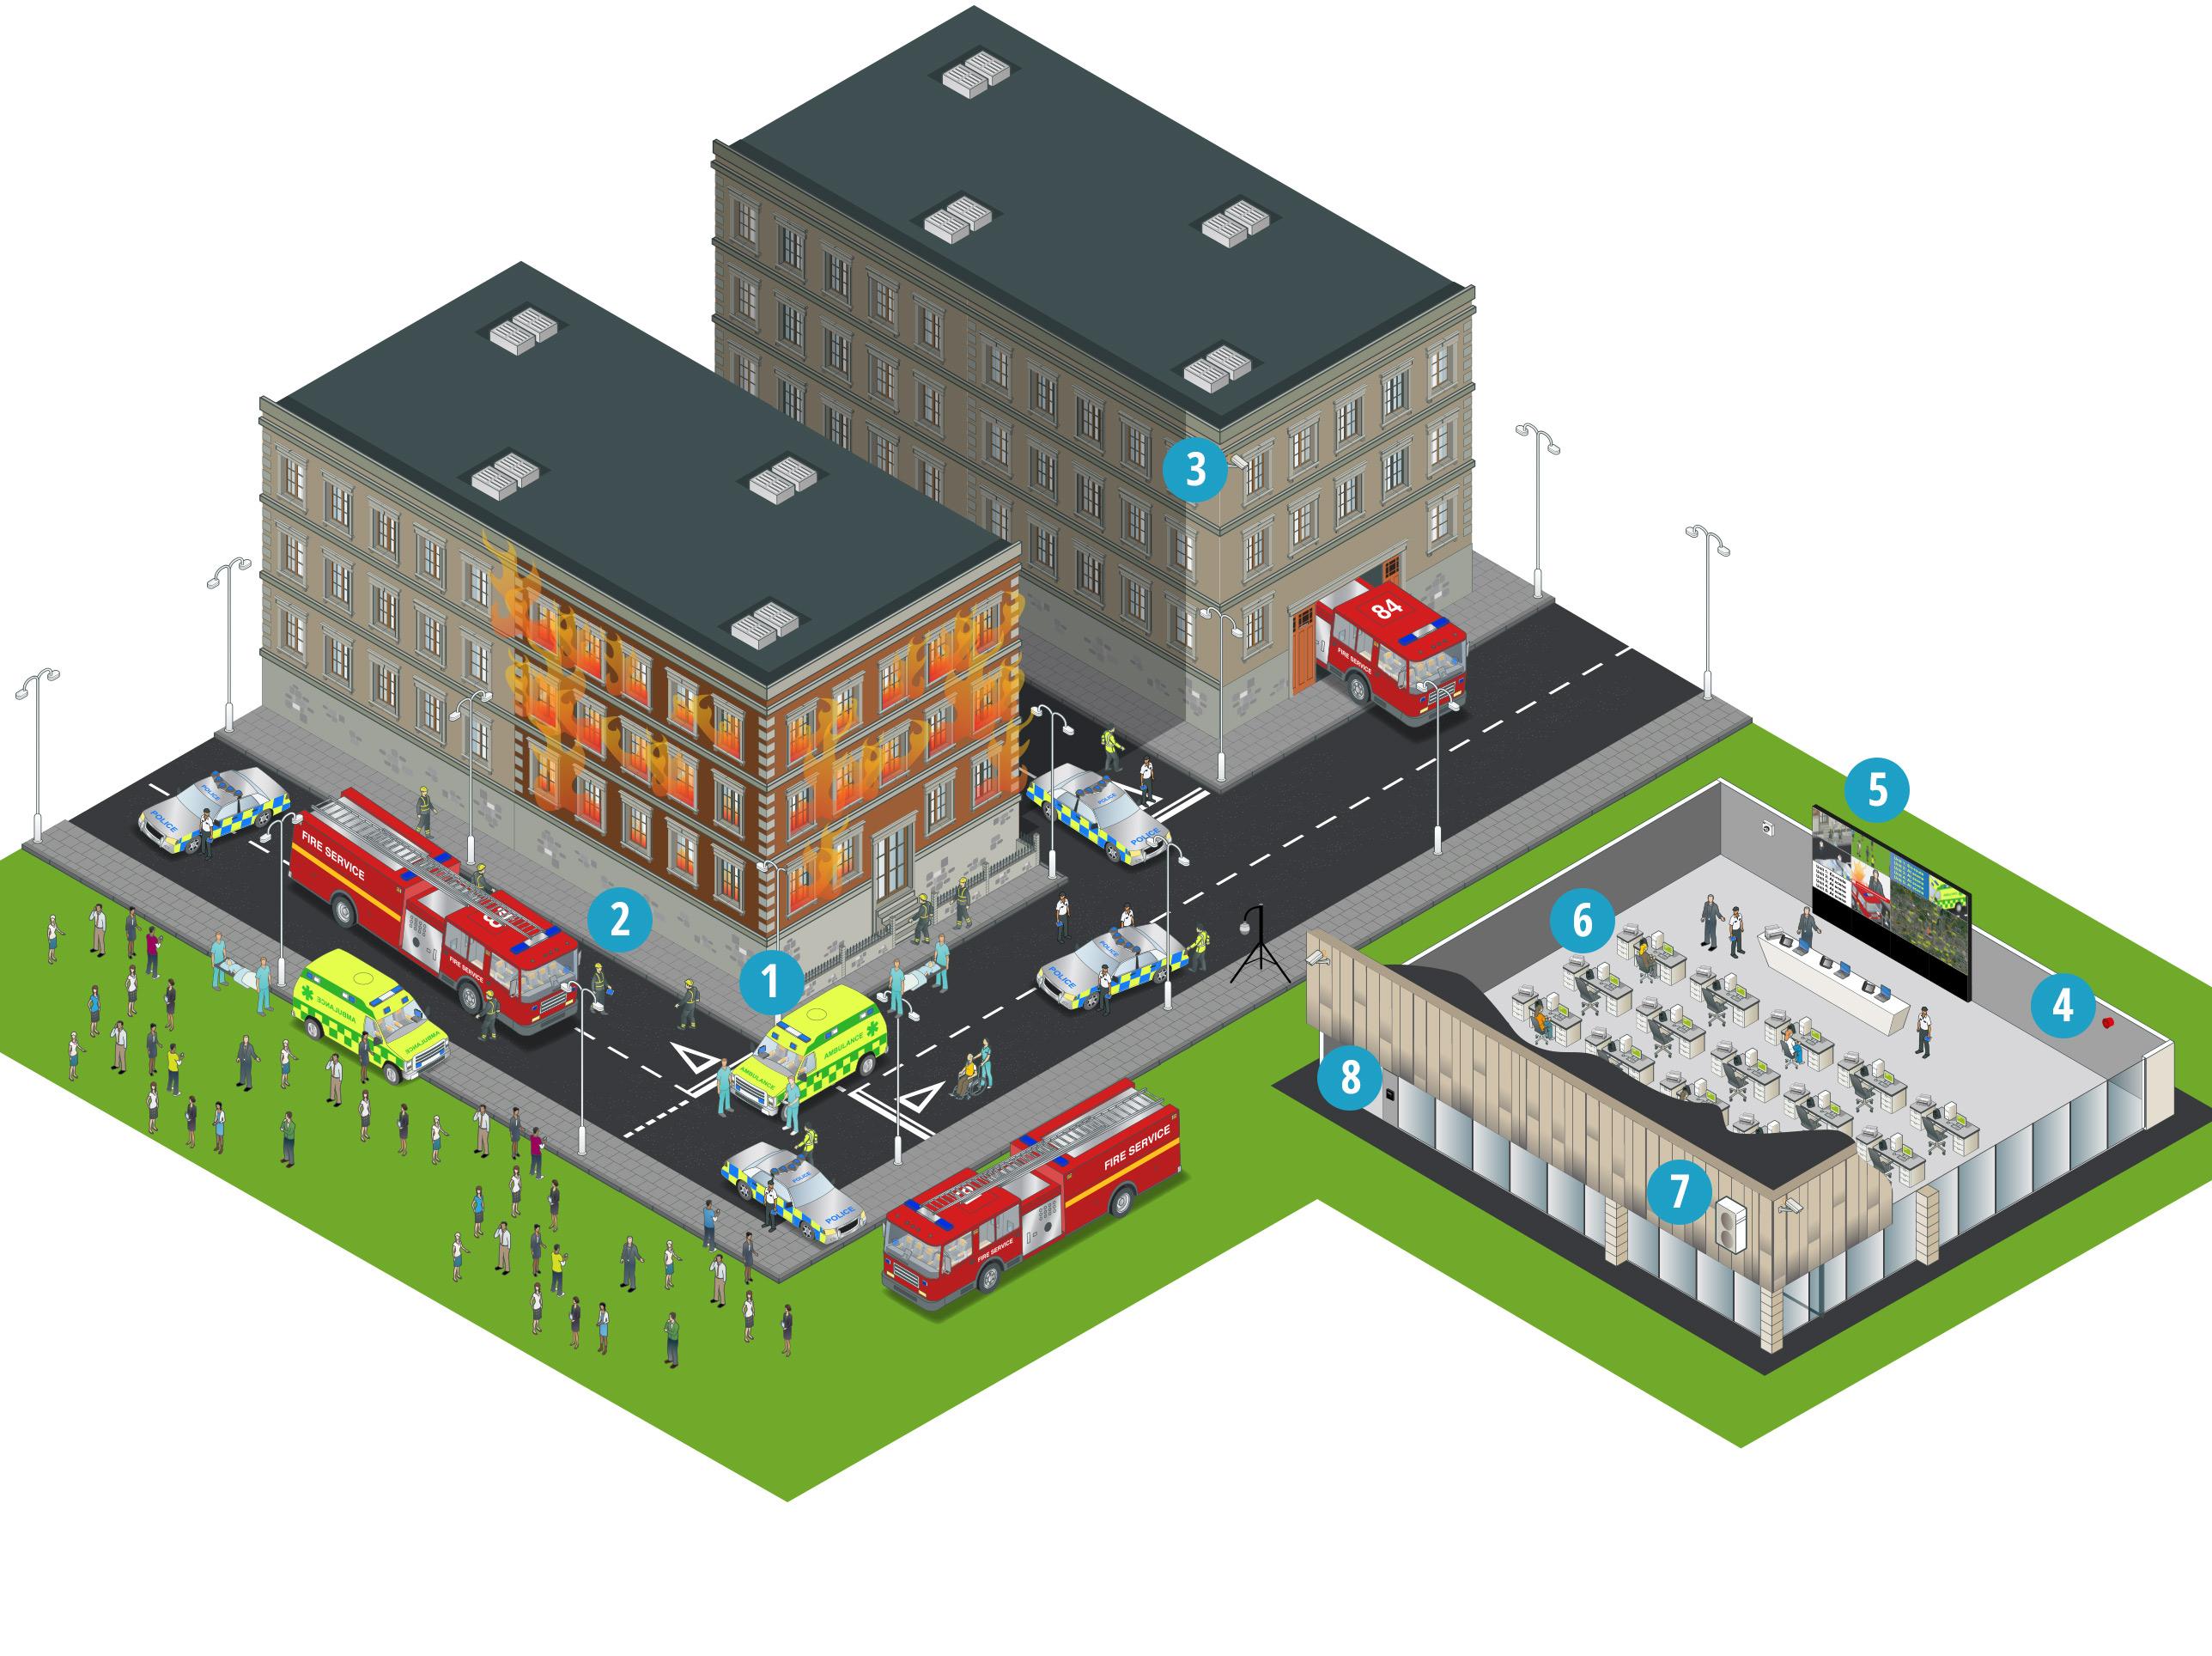 Comment les solutions de Panasonic aident-elles les services d'urgence?